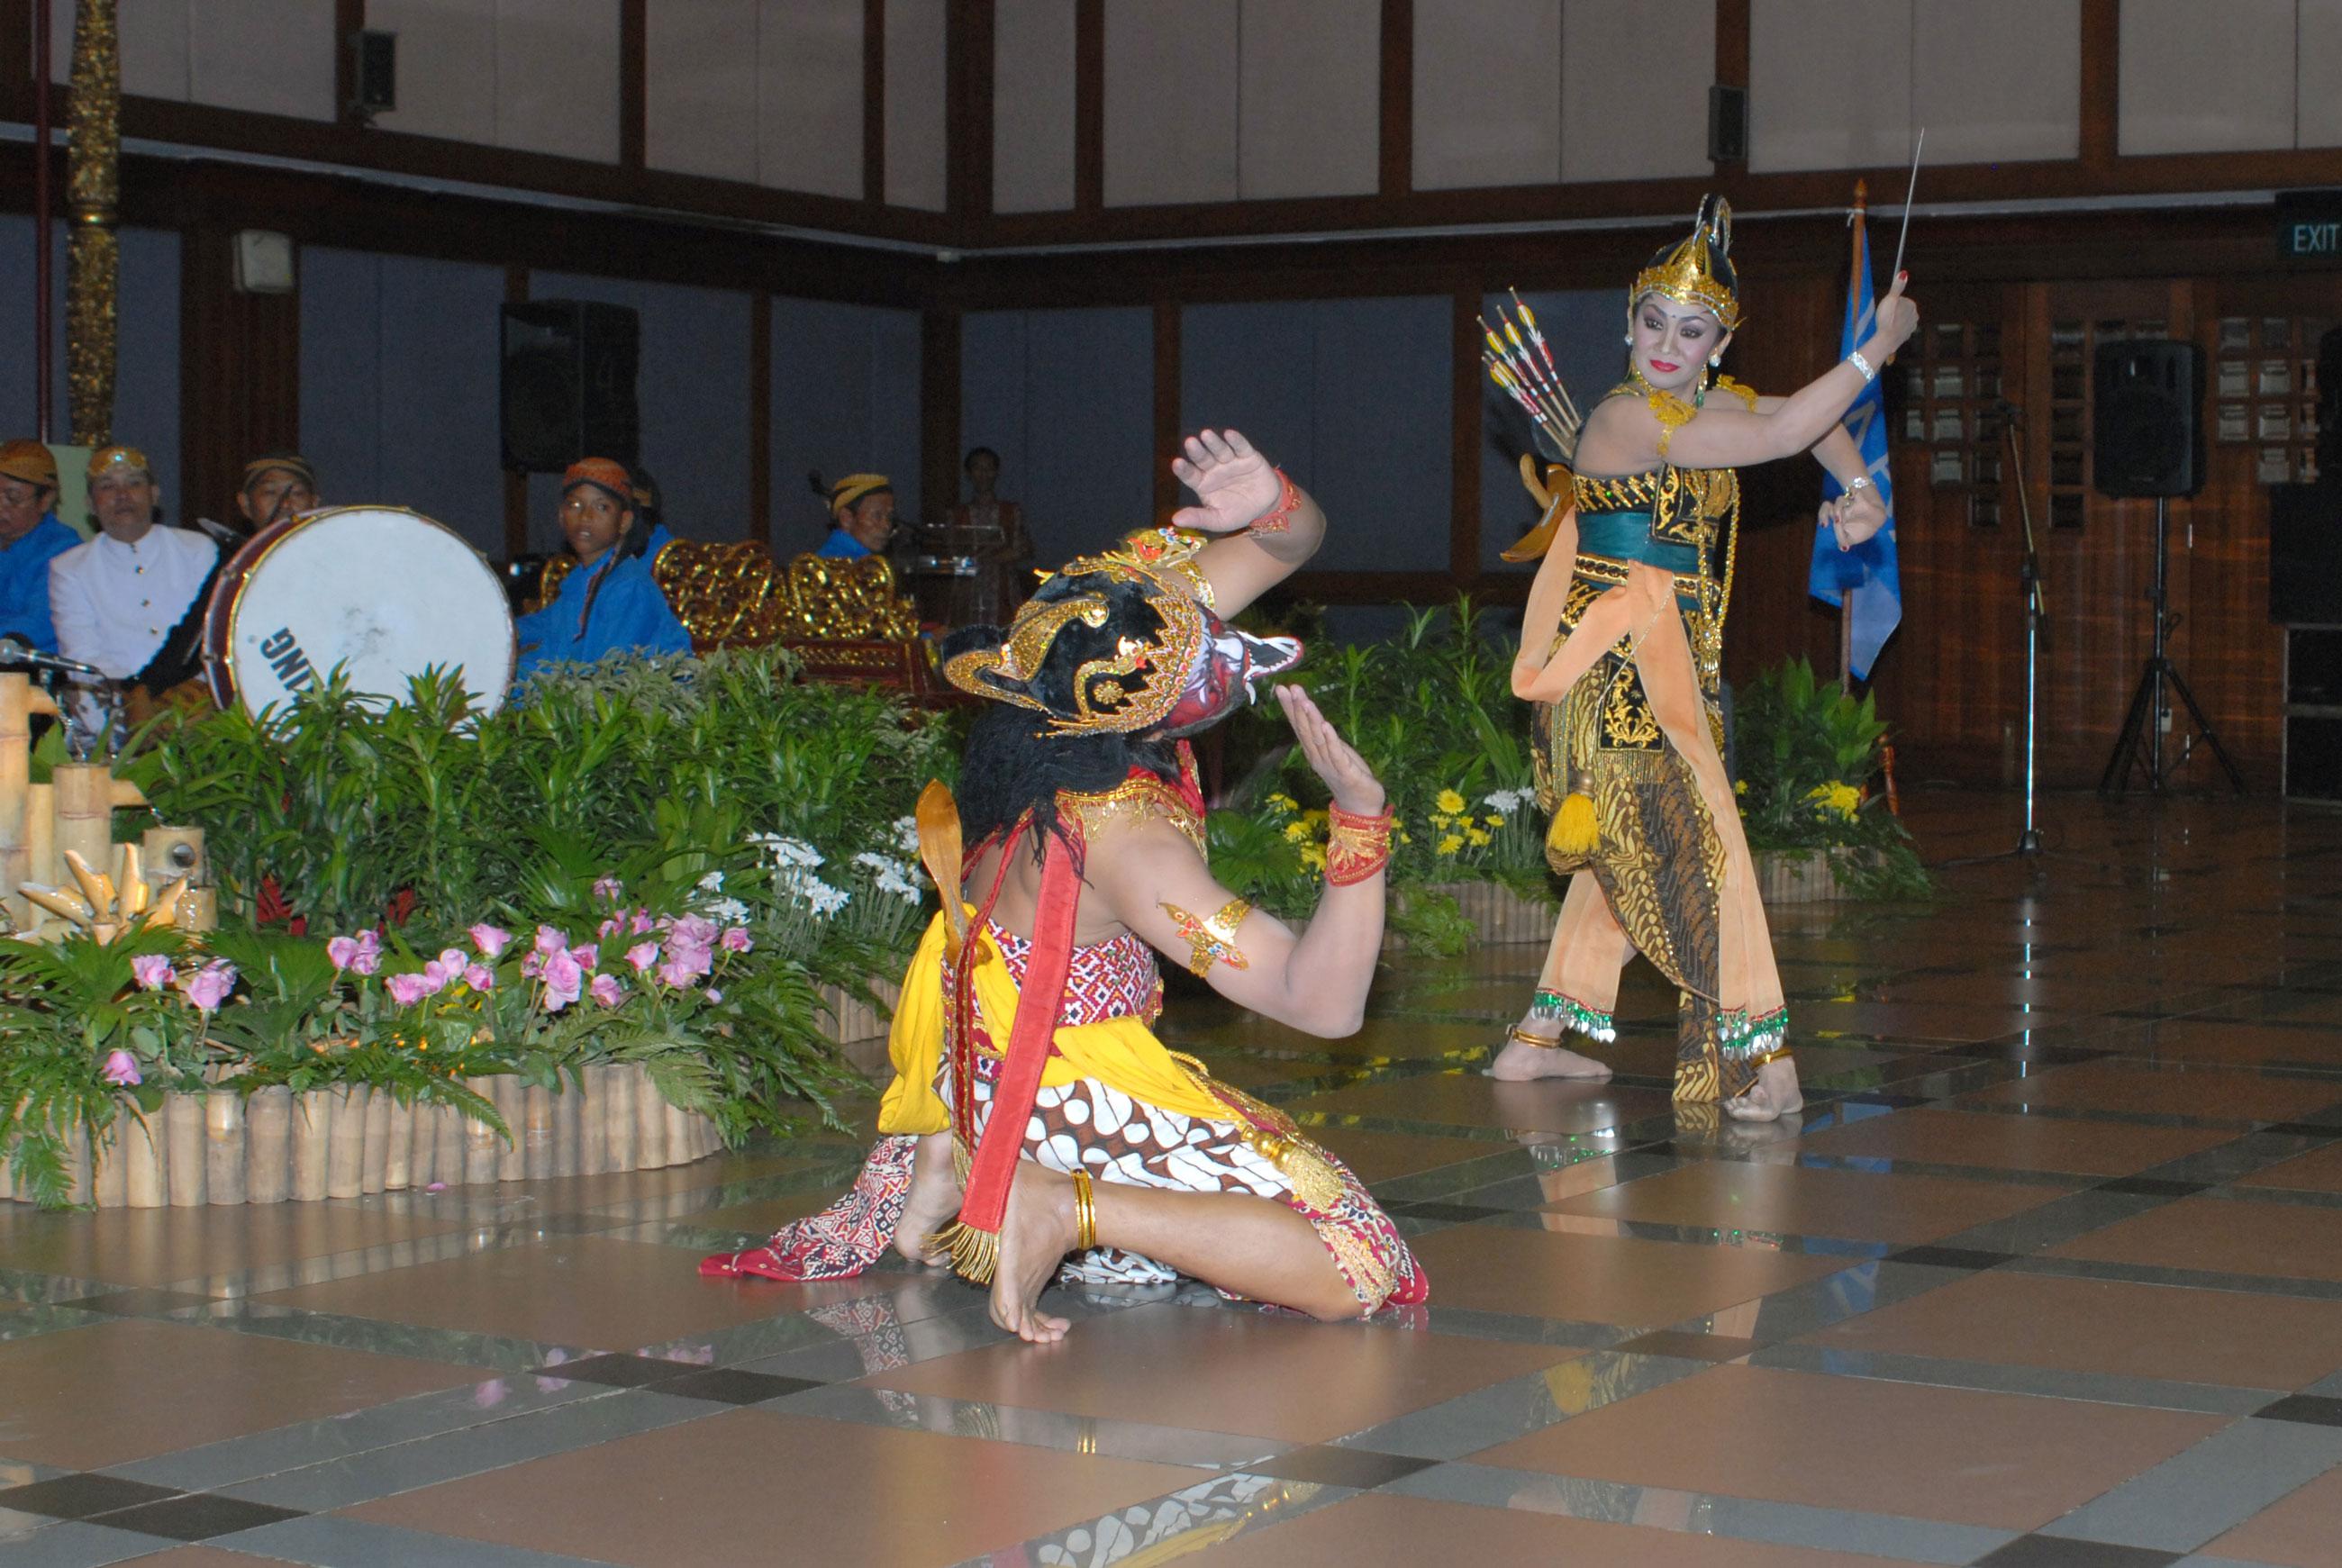 Wayang Wong, également connu sous le nom wayang orang (littéralement « wayang humain »), est un type de spectacle de théâtre de danse classique javanaise avec des thèmes issus des épisodes du Râmâyana ou du Mahâbhârata (Java central, Indonésie).